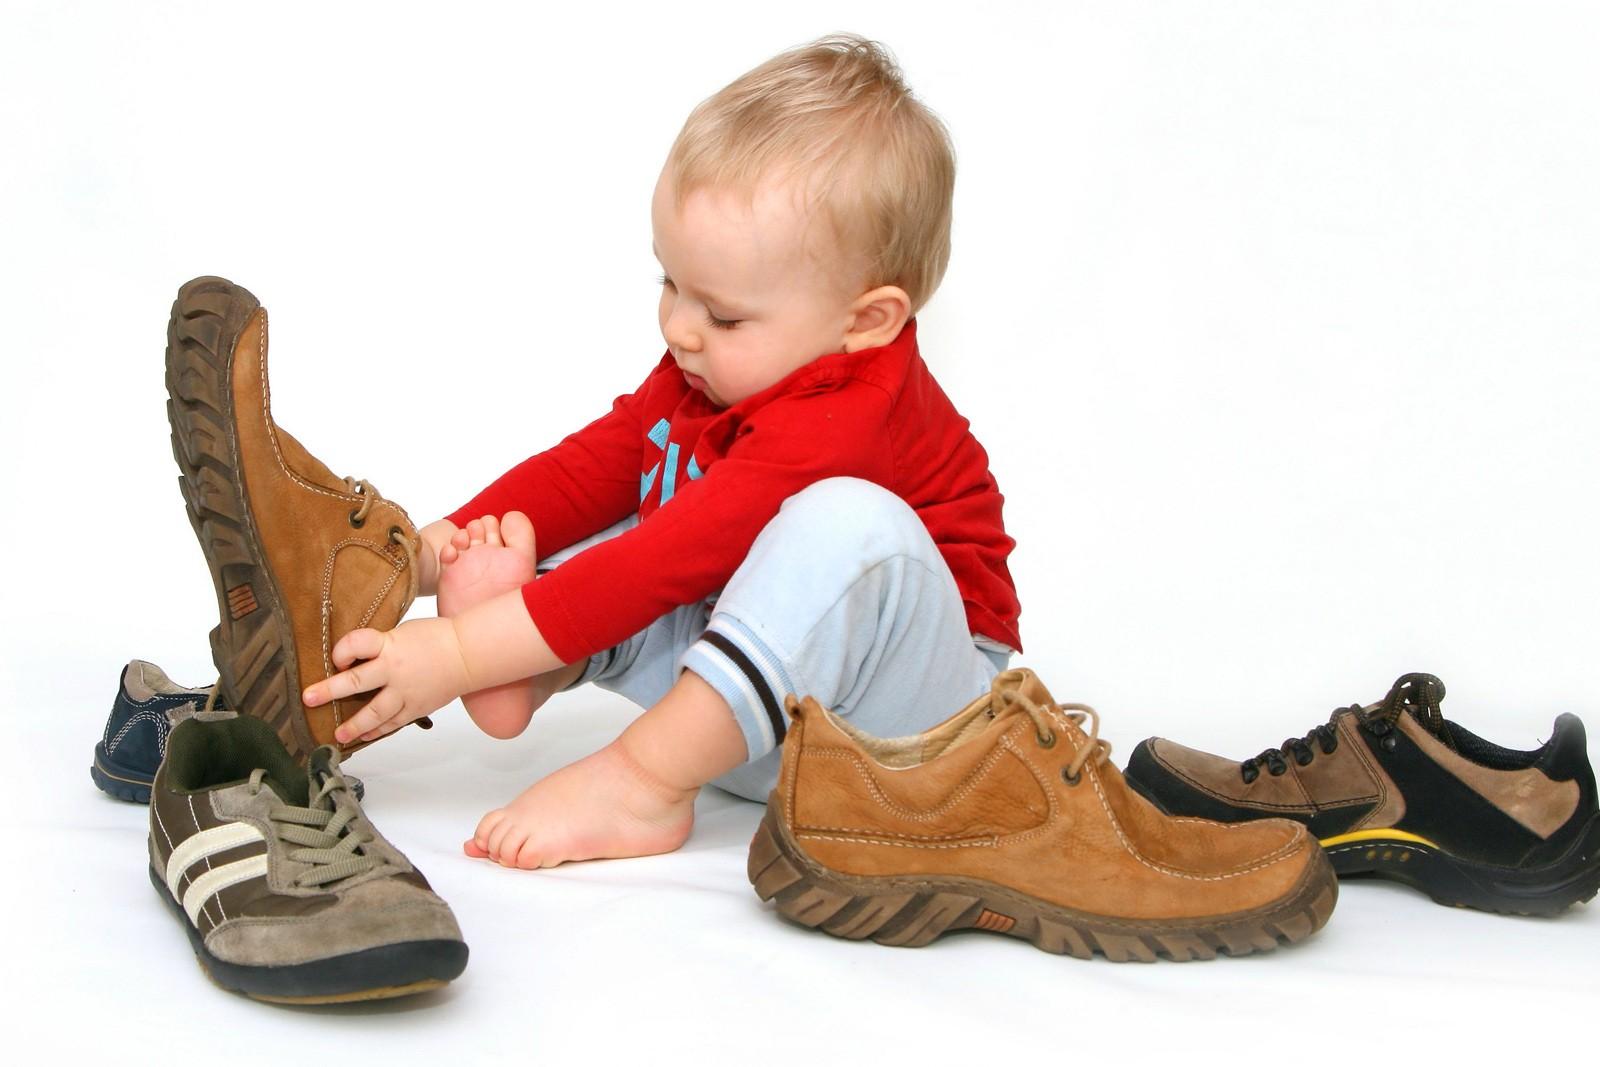 Как узнать размер обуви ребенка по сантиметрам